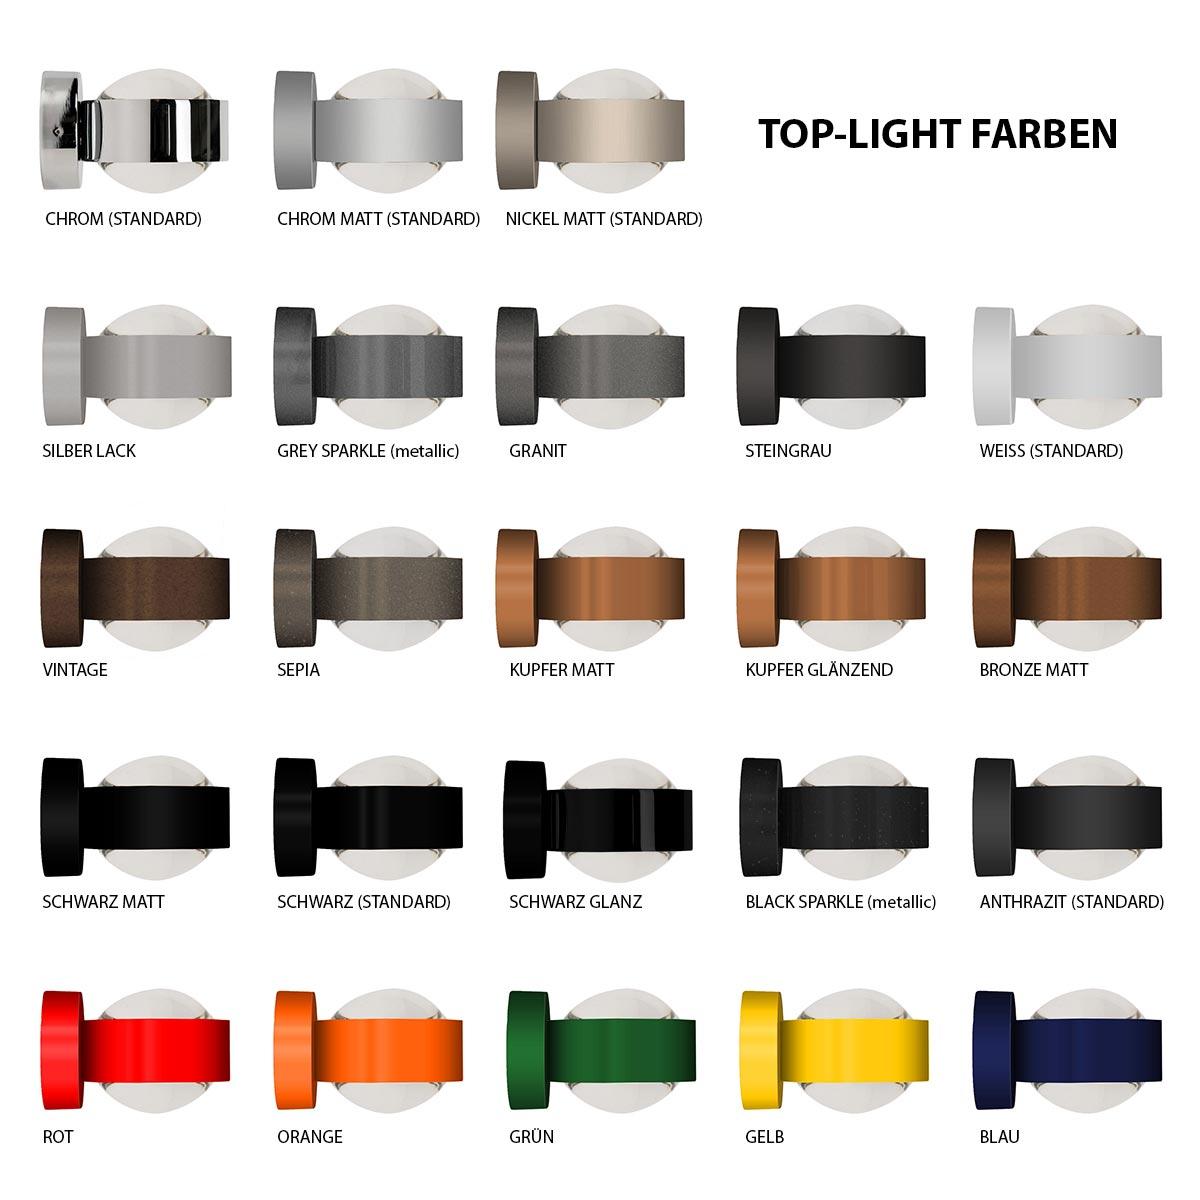 top-light-farben-lichtraum24